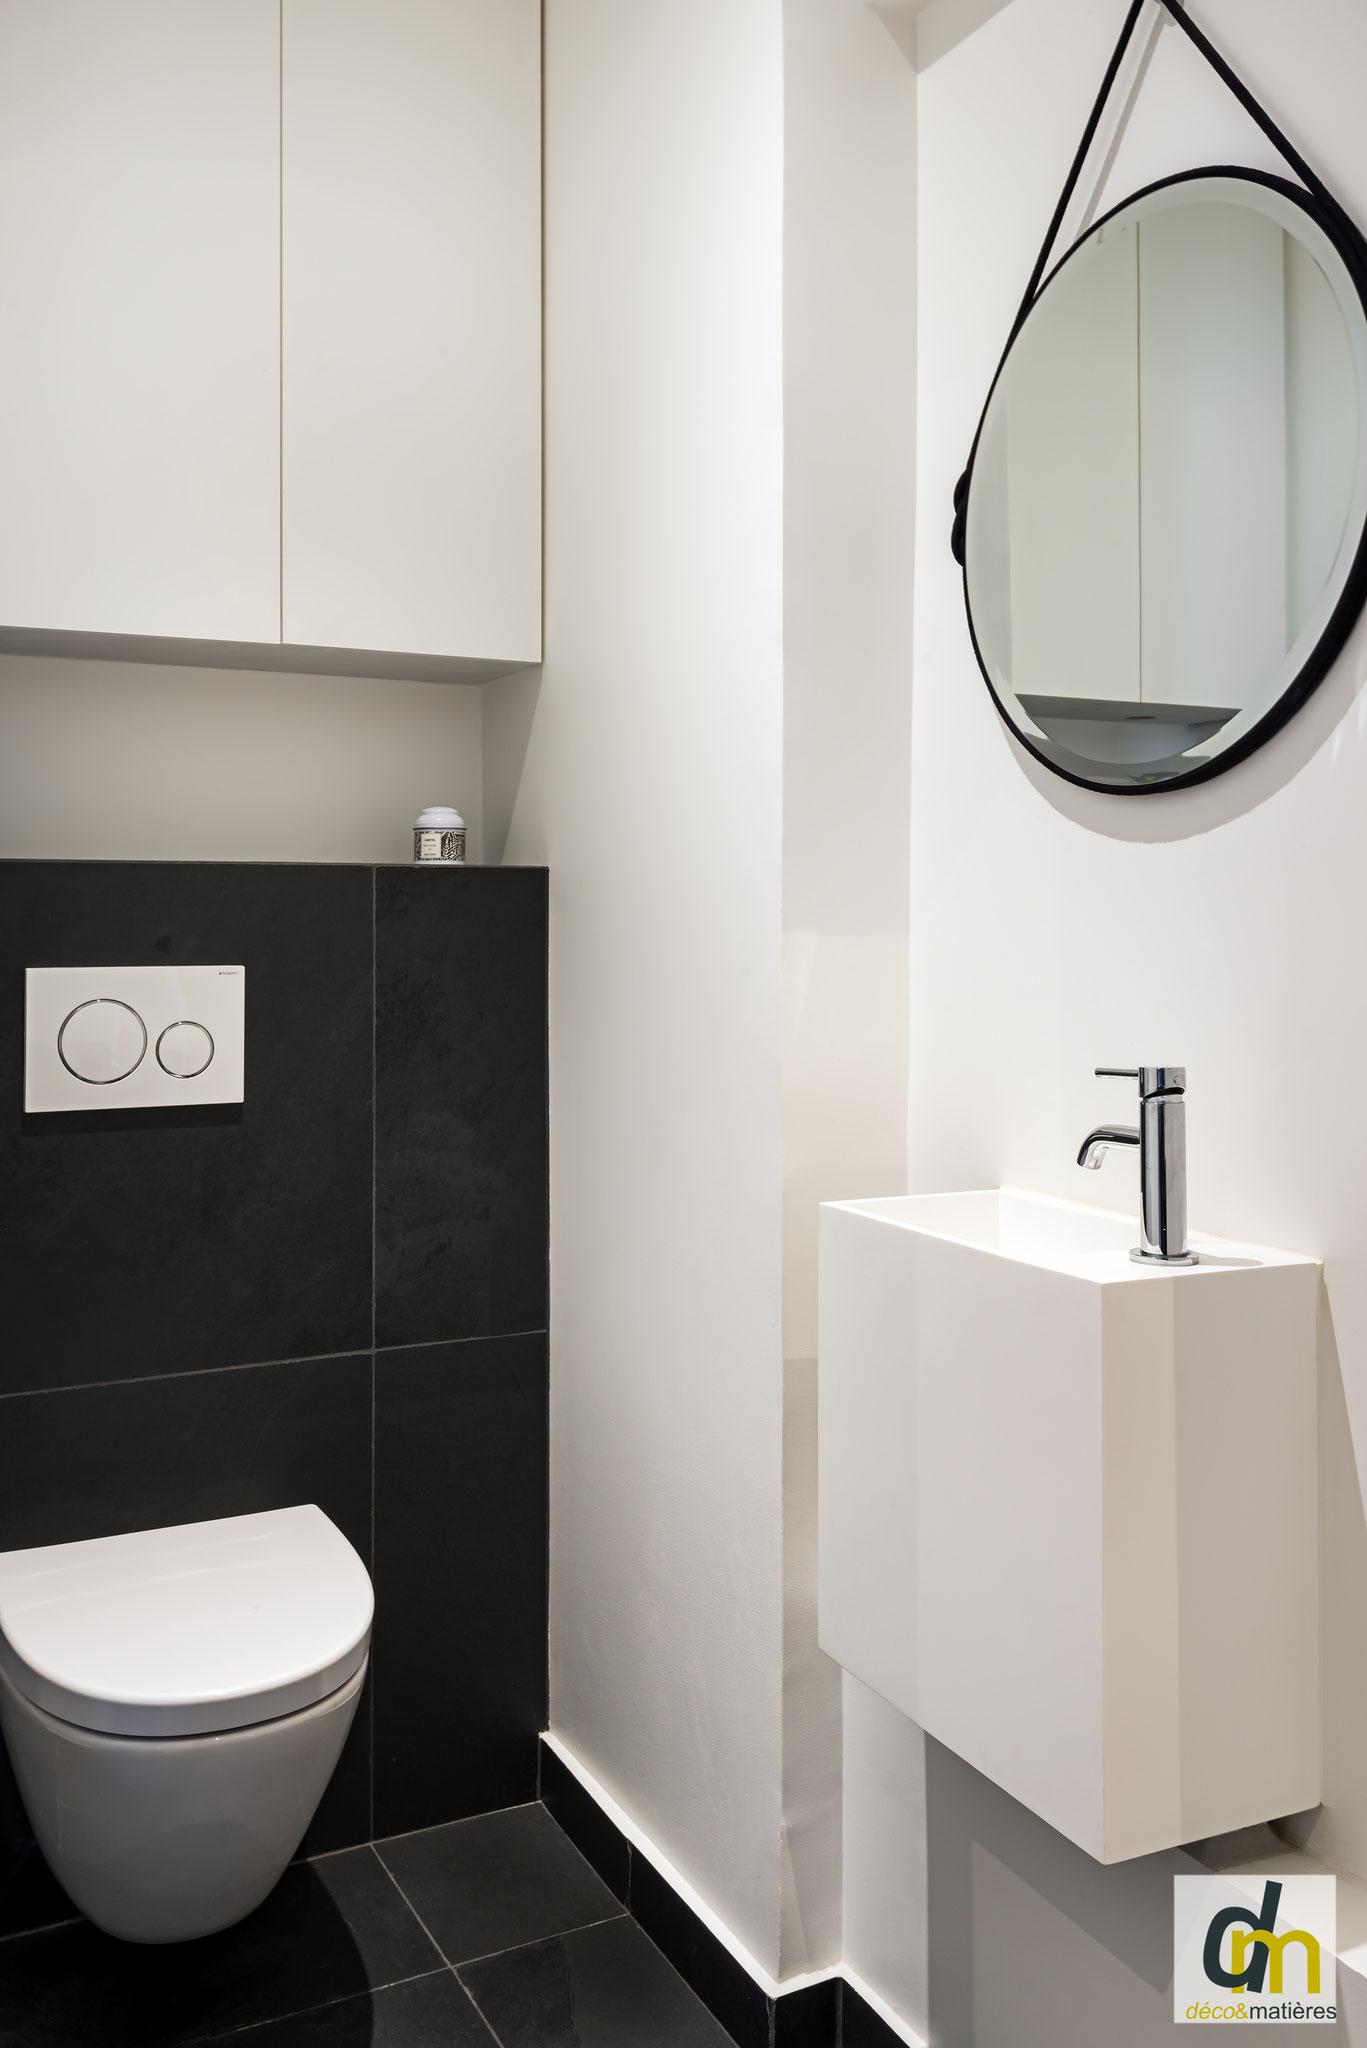 un espace WC en ardoise naturelle, et vasque en résine, une harmonie réussie